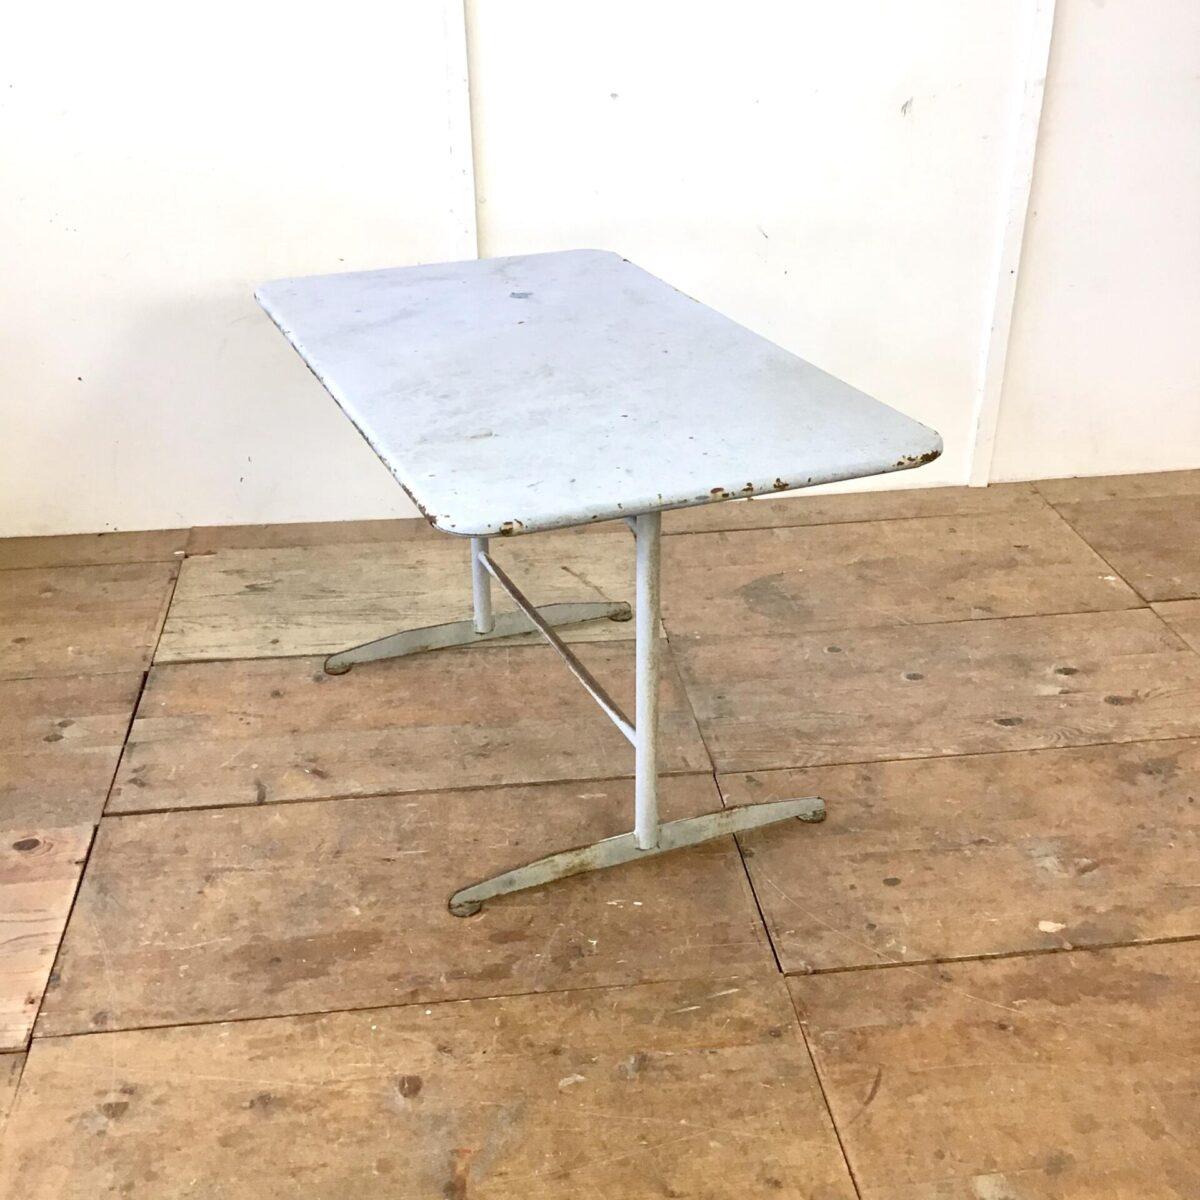 Vintage Metall Gartentisch 122cm mal 70cm Höhe 70cm. Balkontisch klappbar mit Rost abplatzer, nicht durchgerostet.